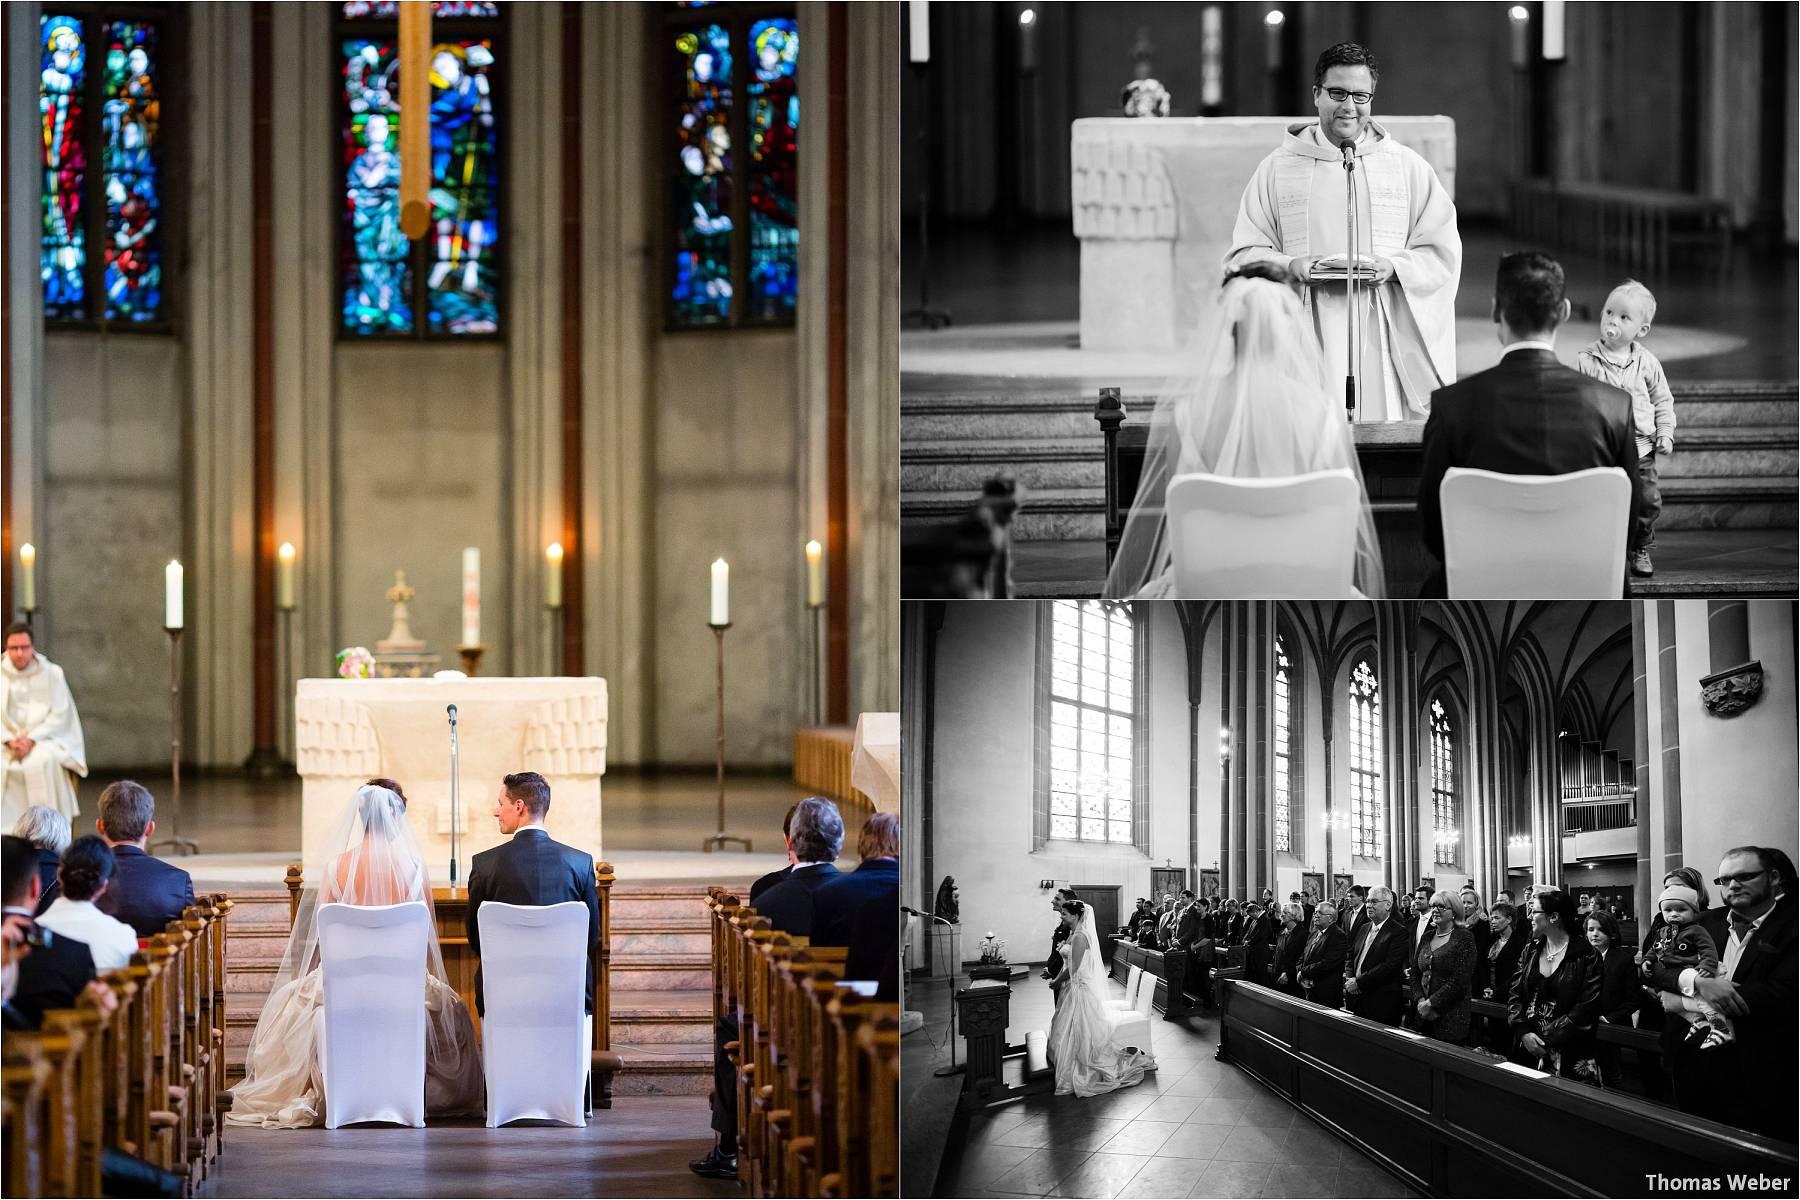 Hochzeitsfotograf Bremen: Kirchliche Trauung in der Propsteikirche St. Johann im Bremer Schnoor und Hochzeitsfeier bei Rogge Dünsen (12)